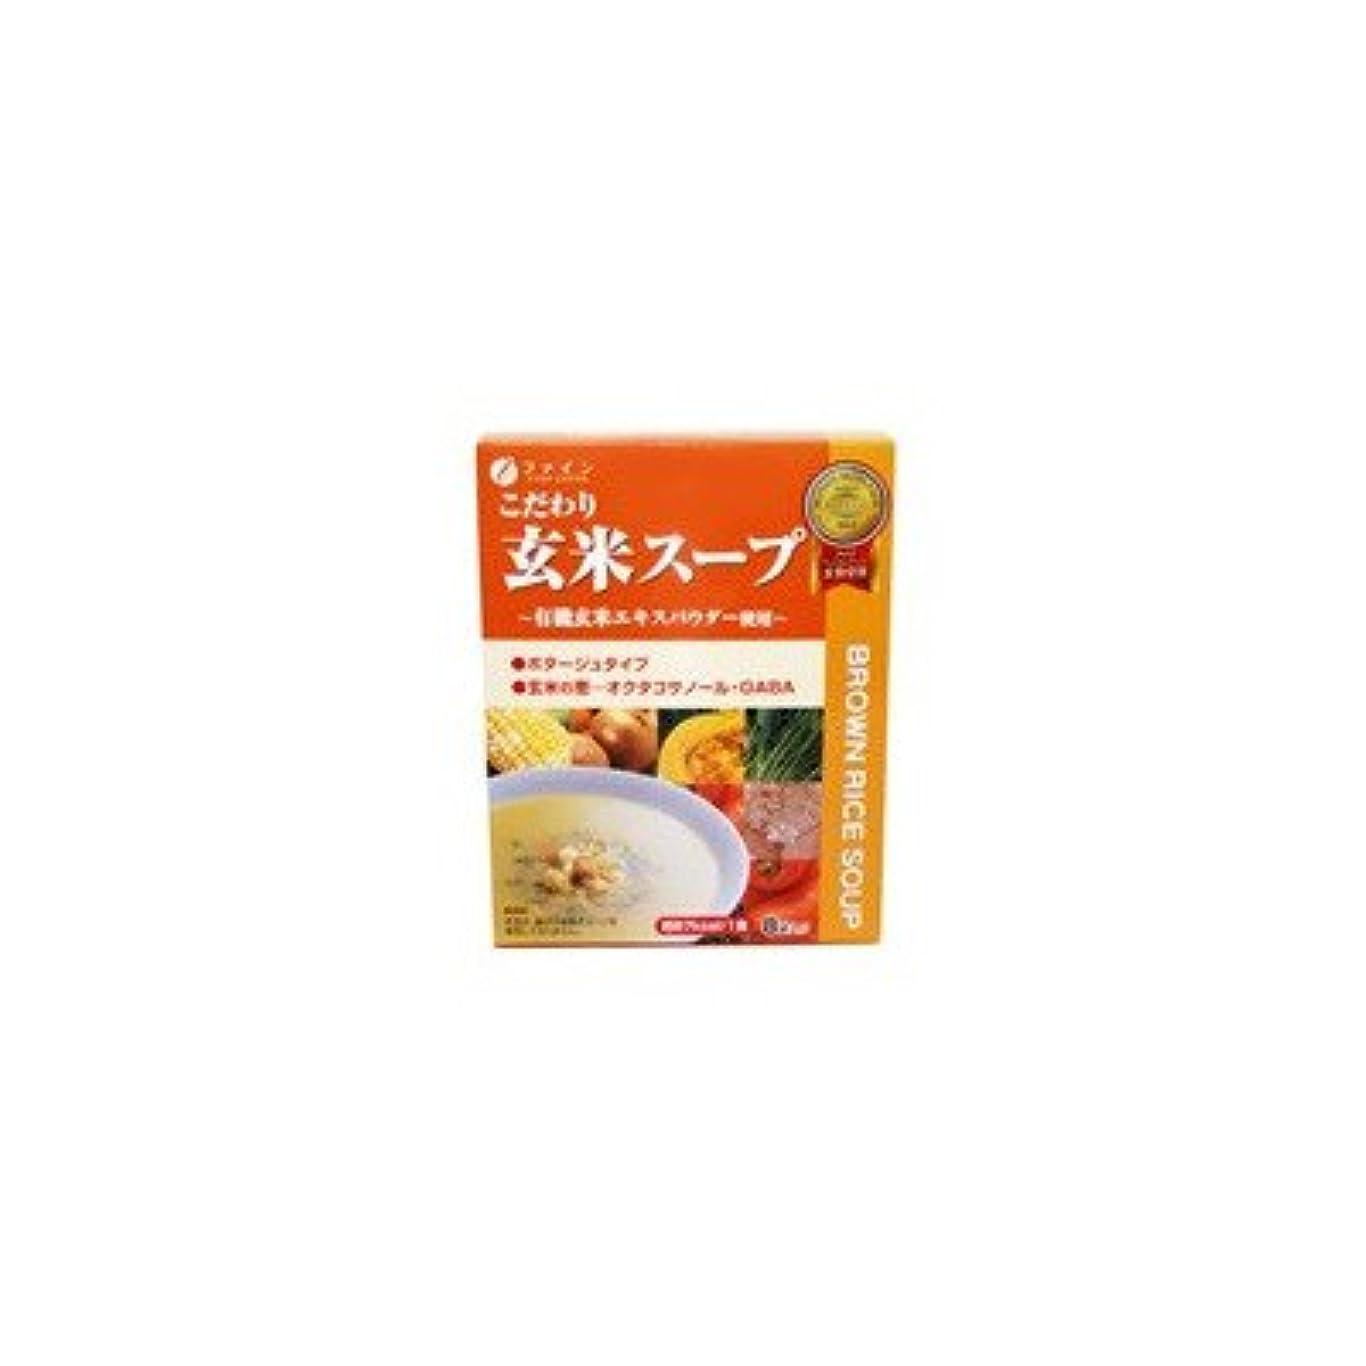 換気する虚弱音ファイン 203399 こだわり玄米スープ(8食入り)